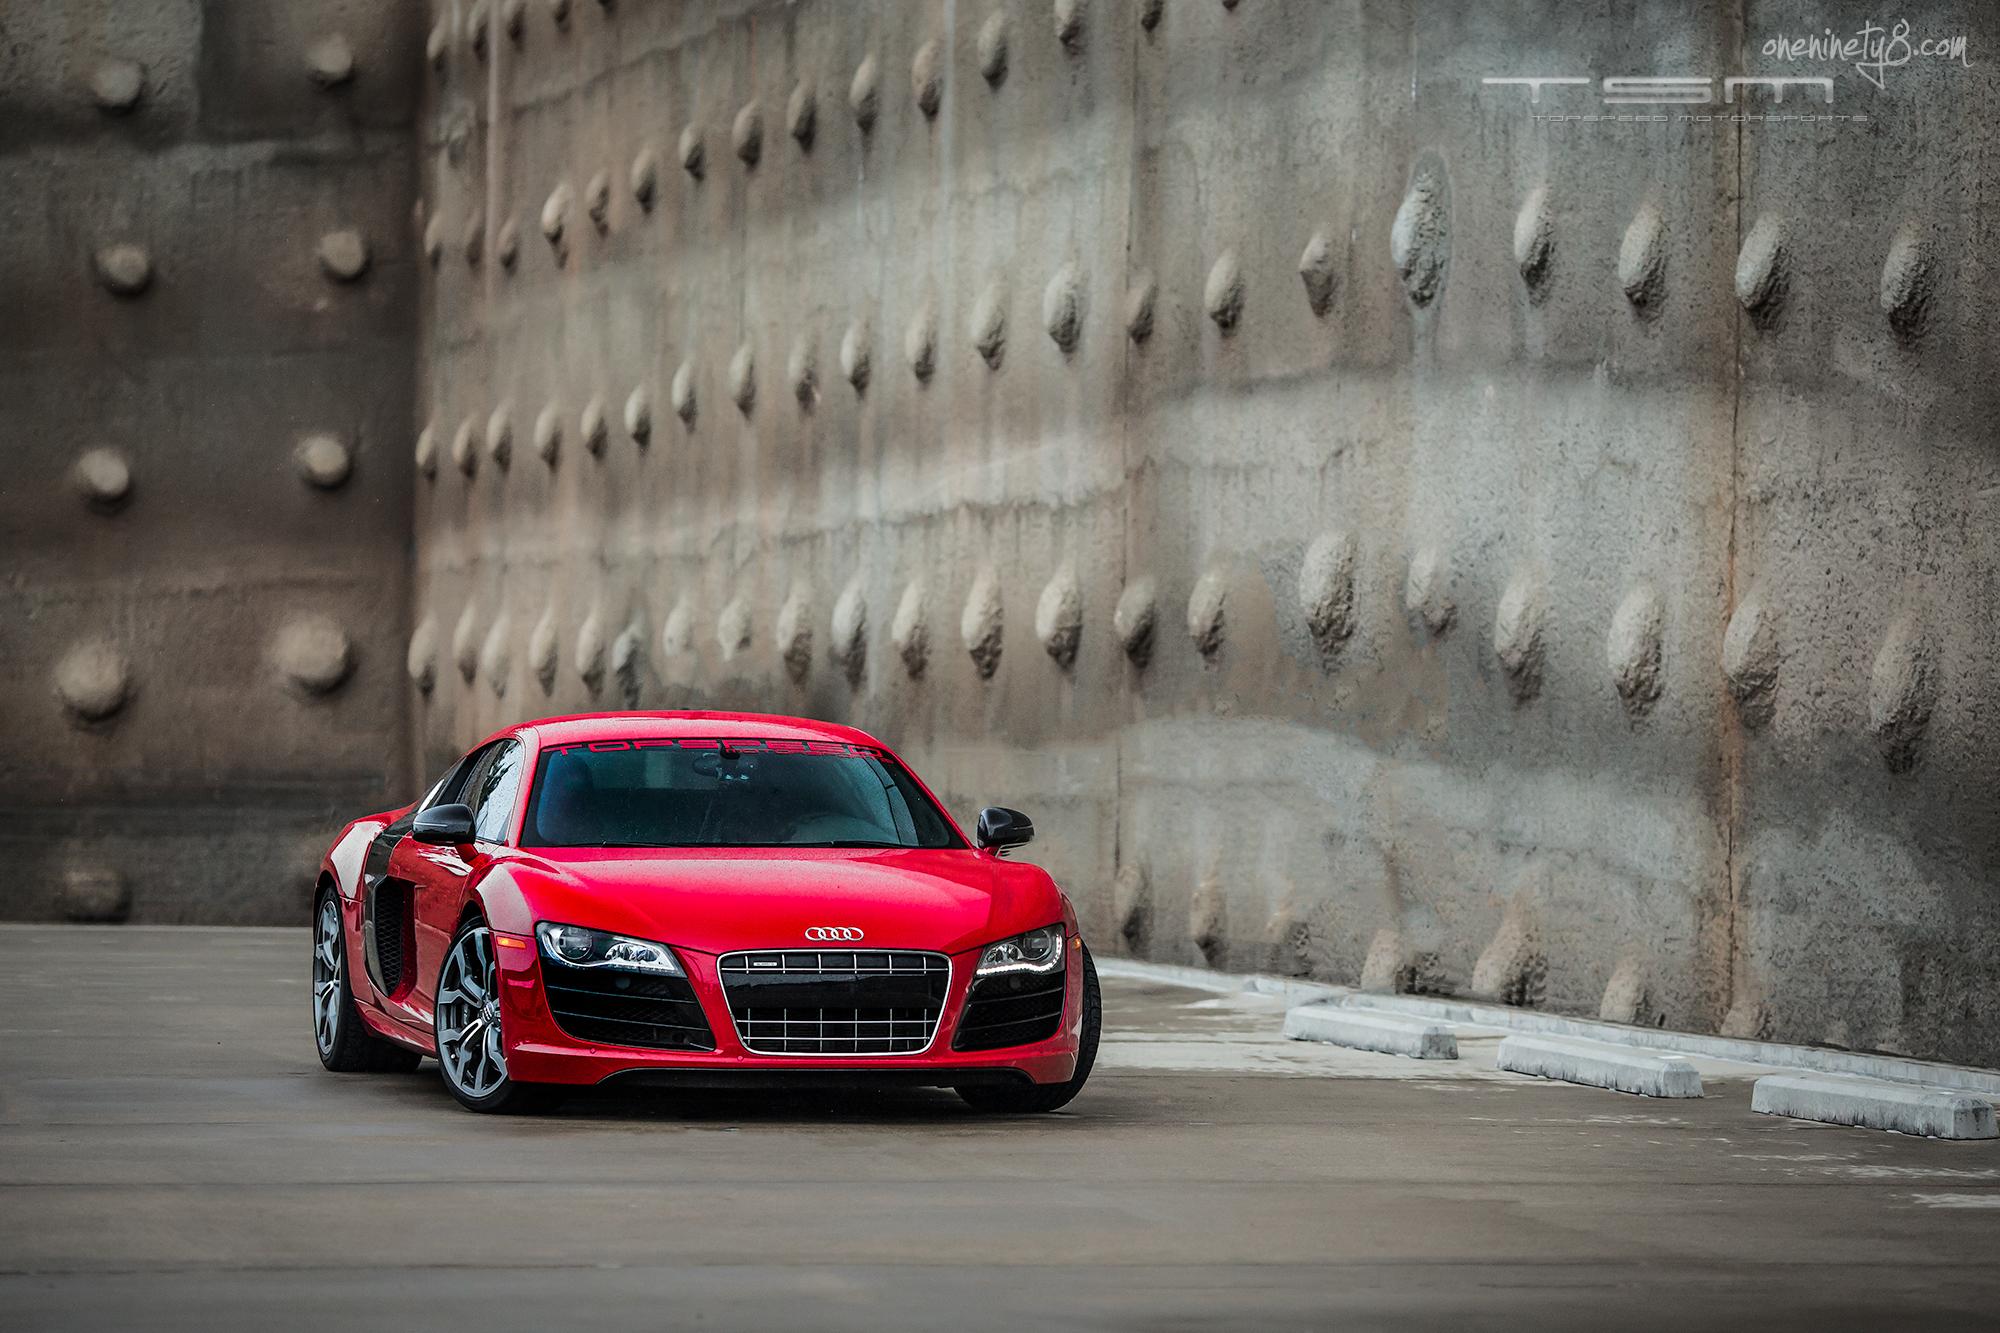 Wallpaper Red Rain Canon Sports Car Audi R8 Coupe